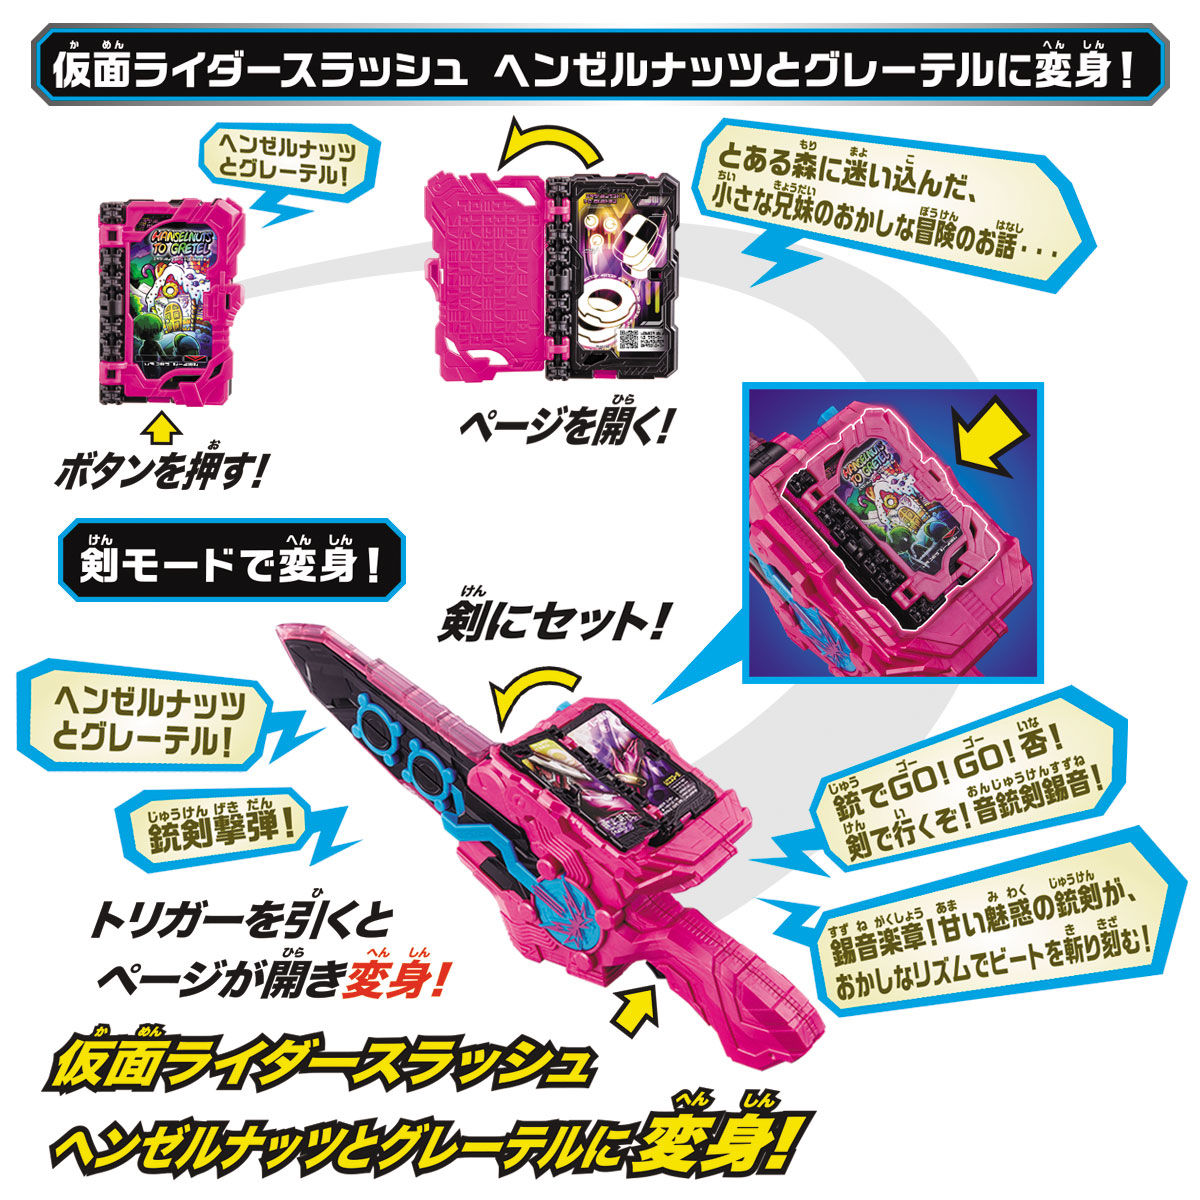 変身聖剣『DX音銃剣錫音』仮面ライダースラッシュ 変身なりきり-005